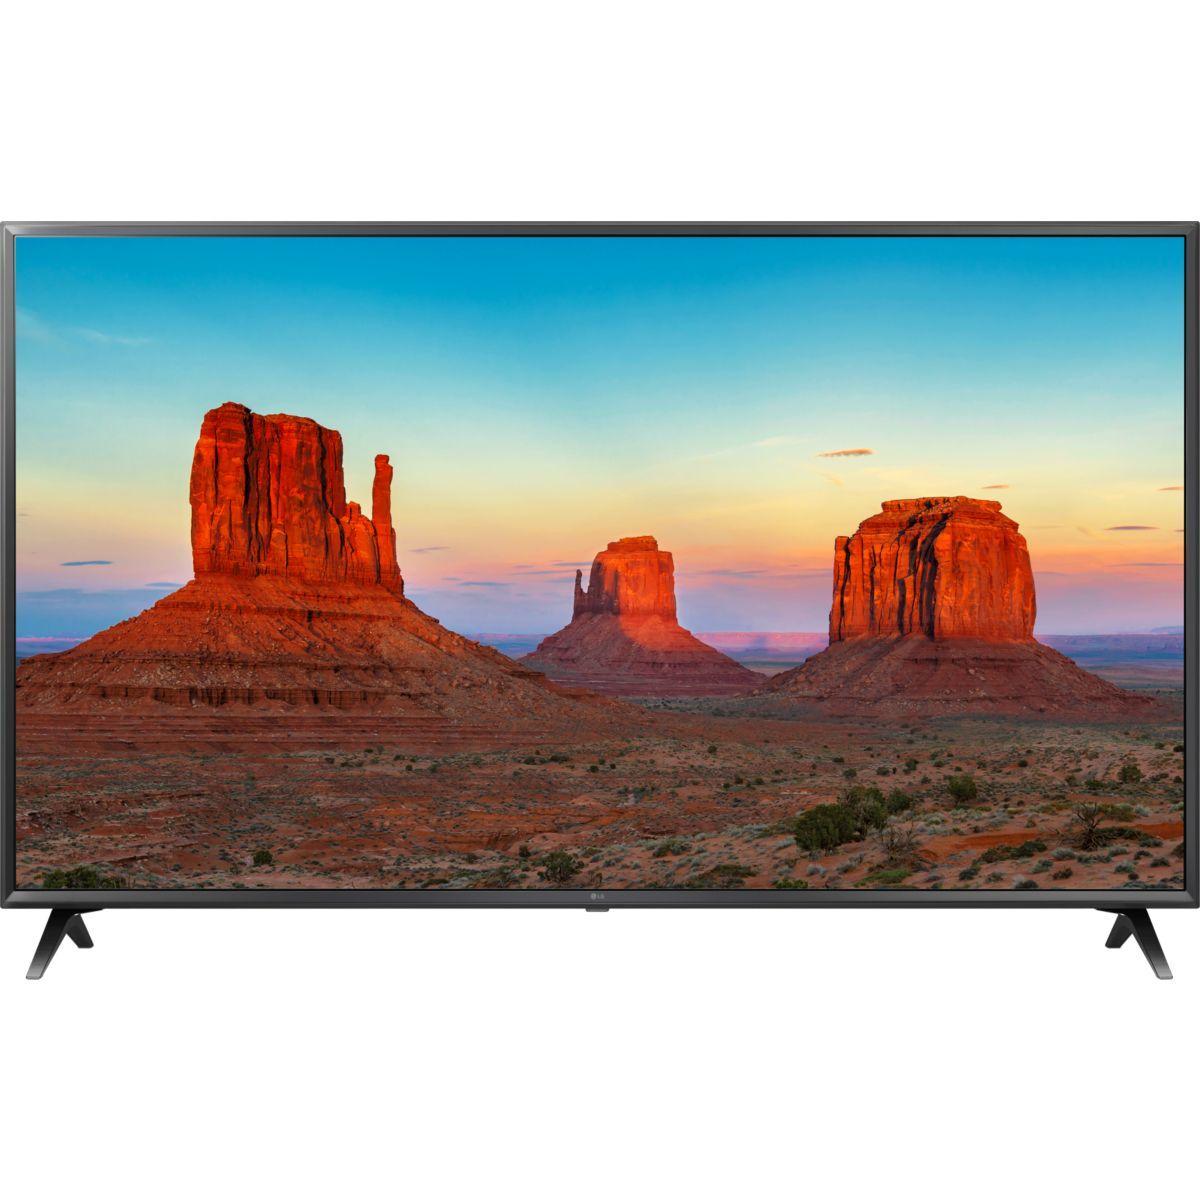 Tv led lg 43uk6300 (photo)